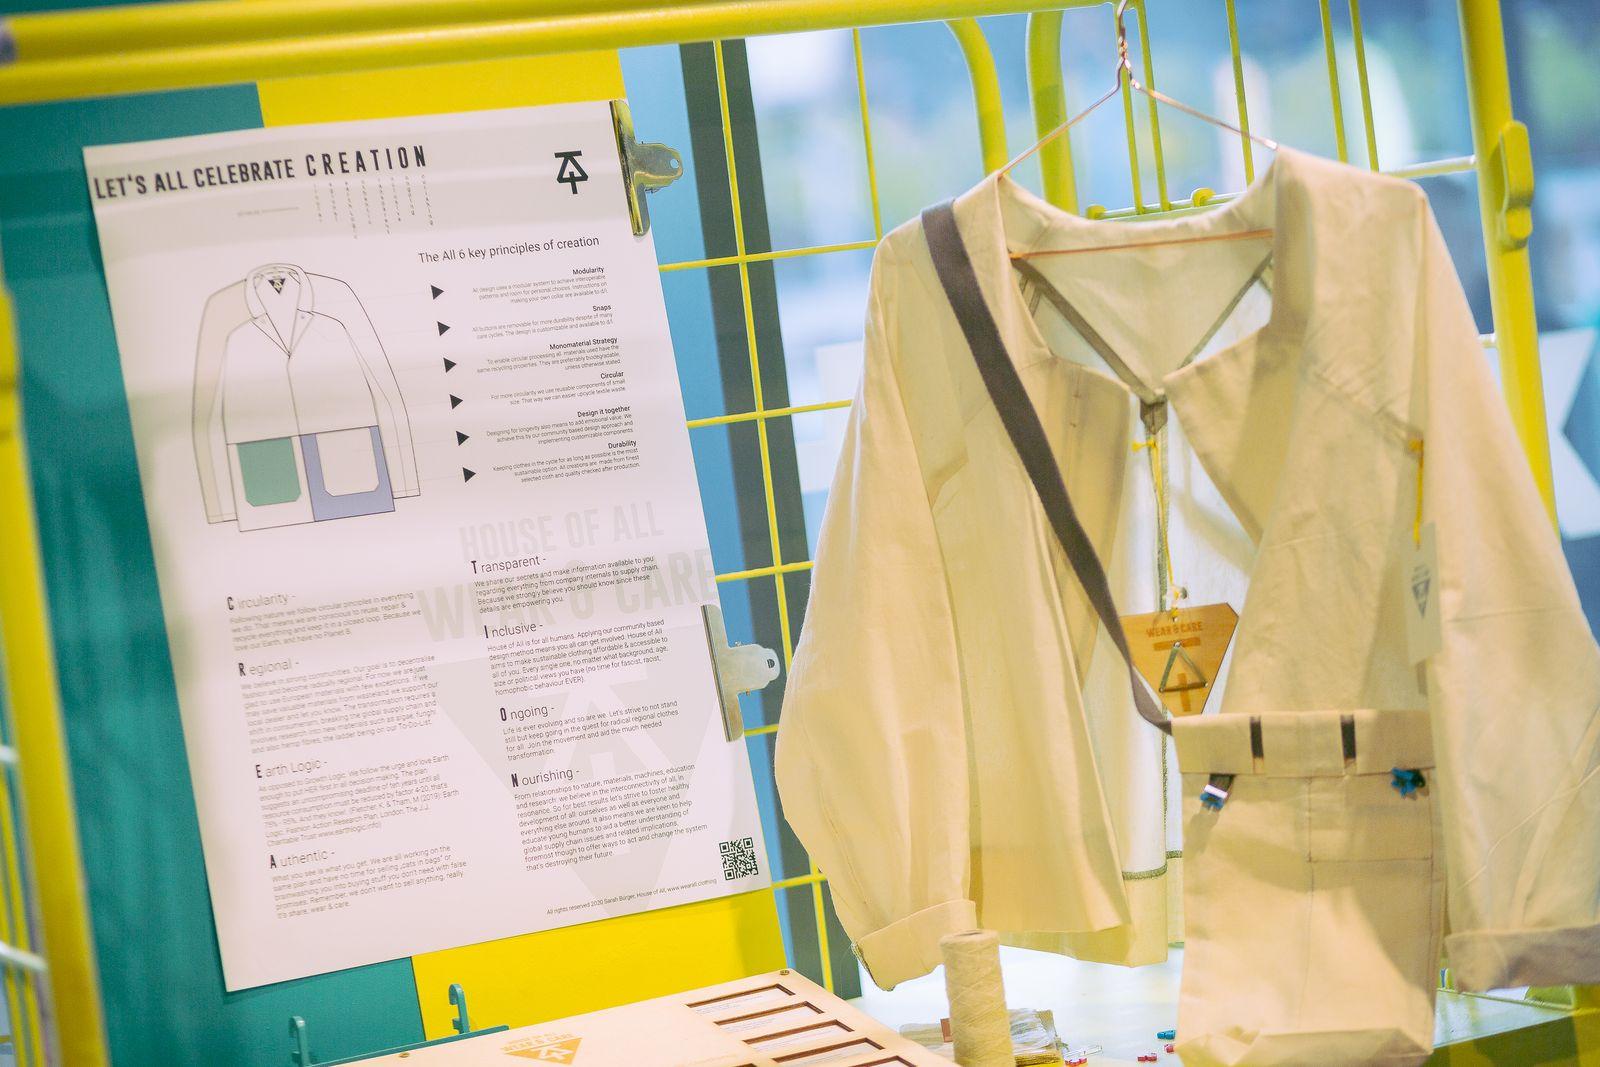 Jacke an Kleiderbügel und Plakat